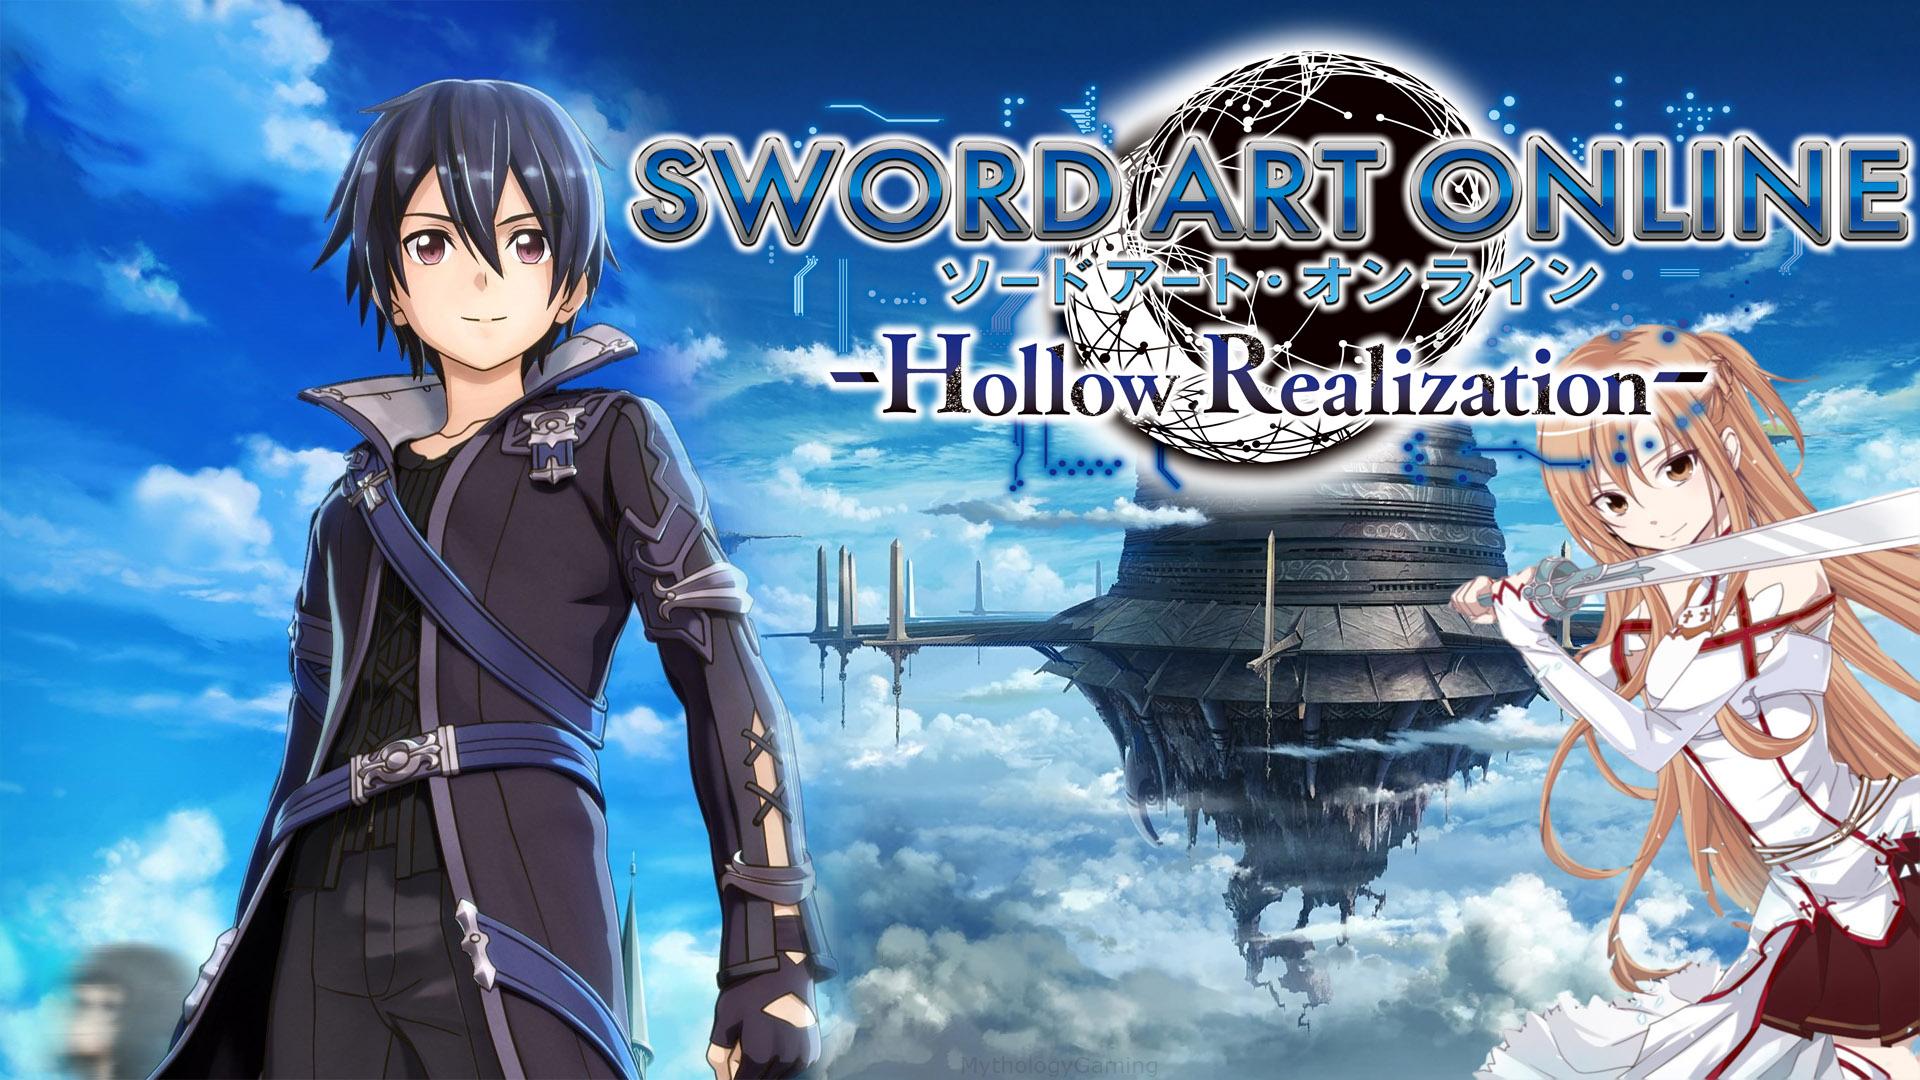 swordarthallow-realization